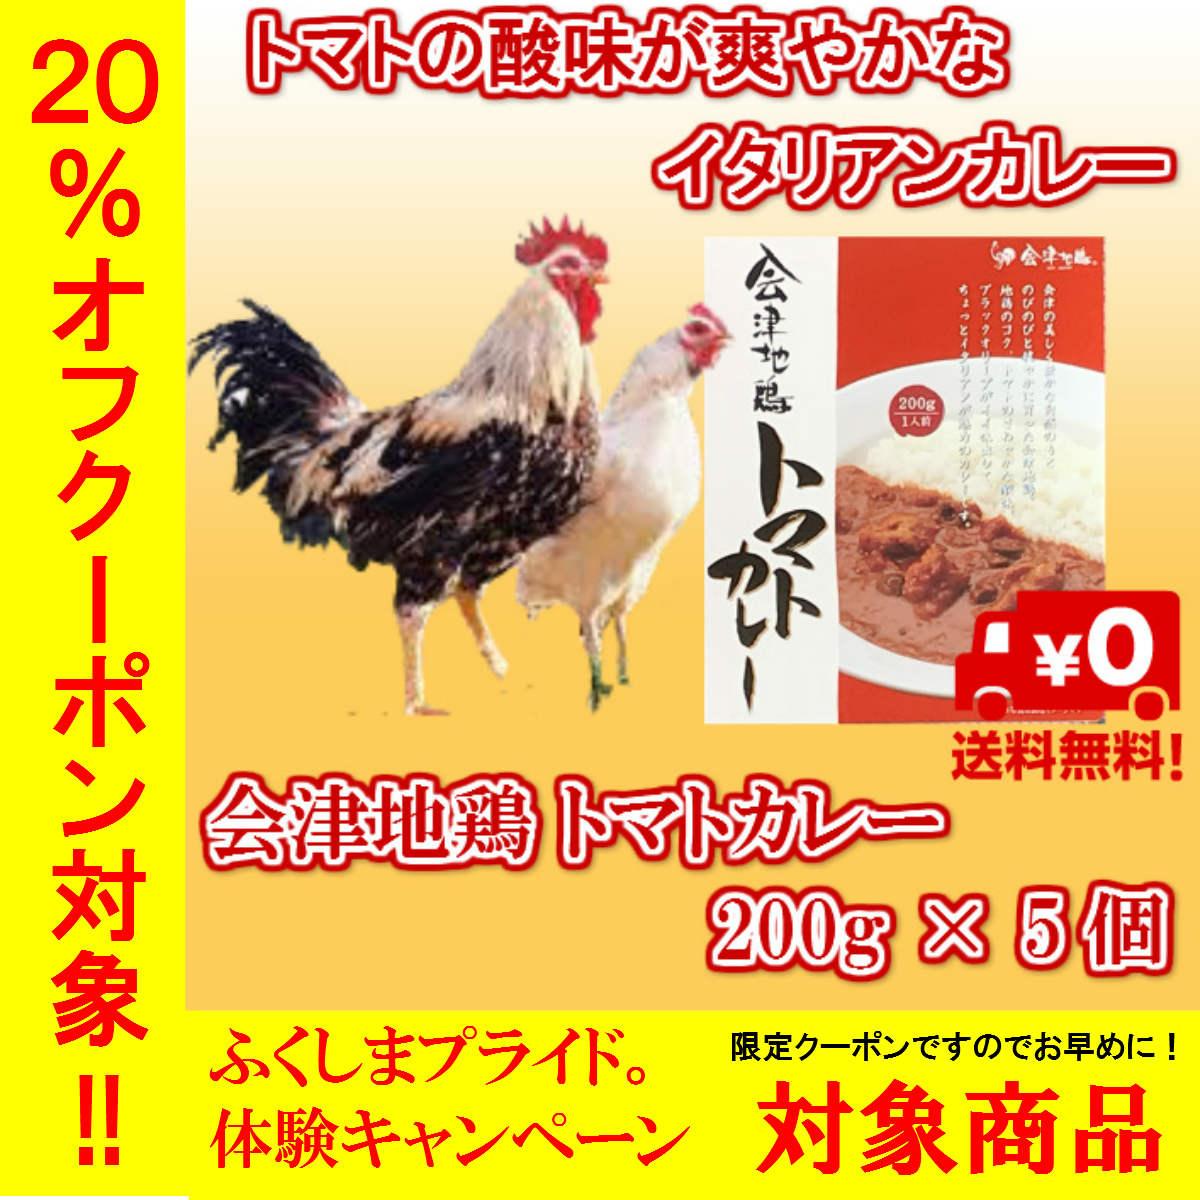 会津地鶏 トマトカレー カレー レトルト 詰合せ 会津地鶏ネット 送料無料 200g x 5個 ふくしまプライド